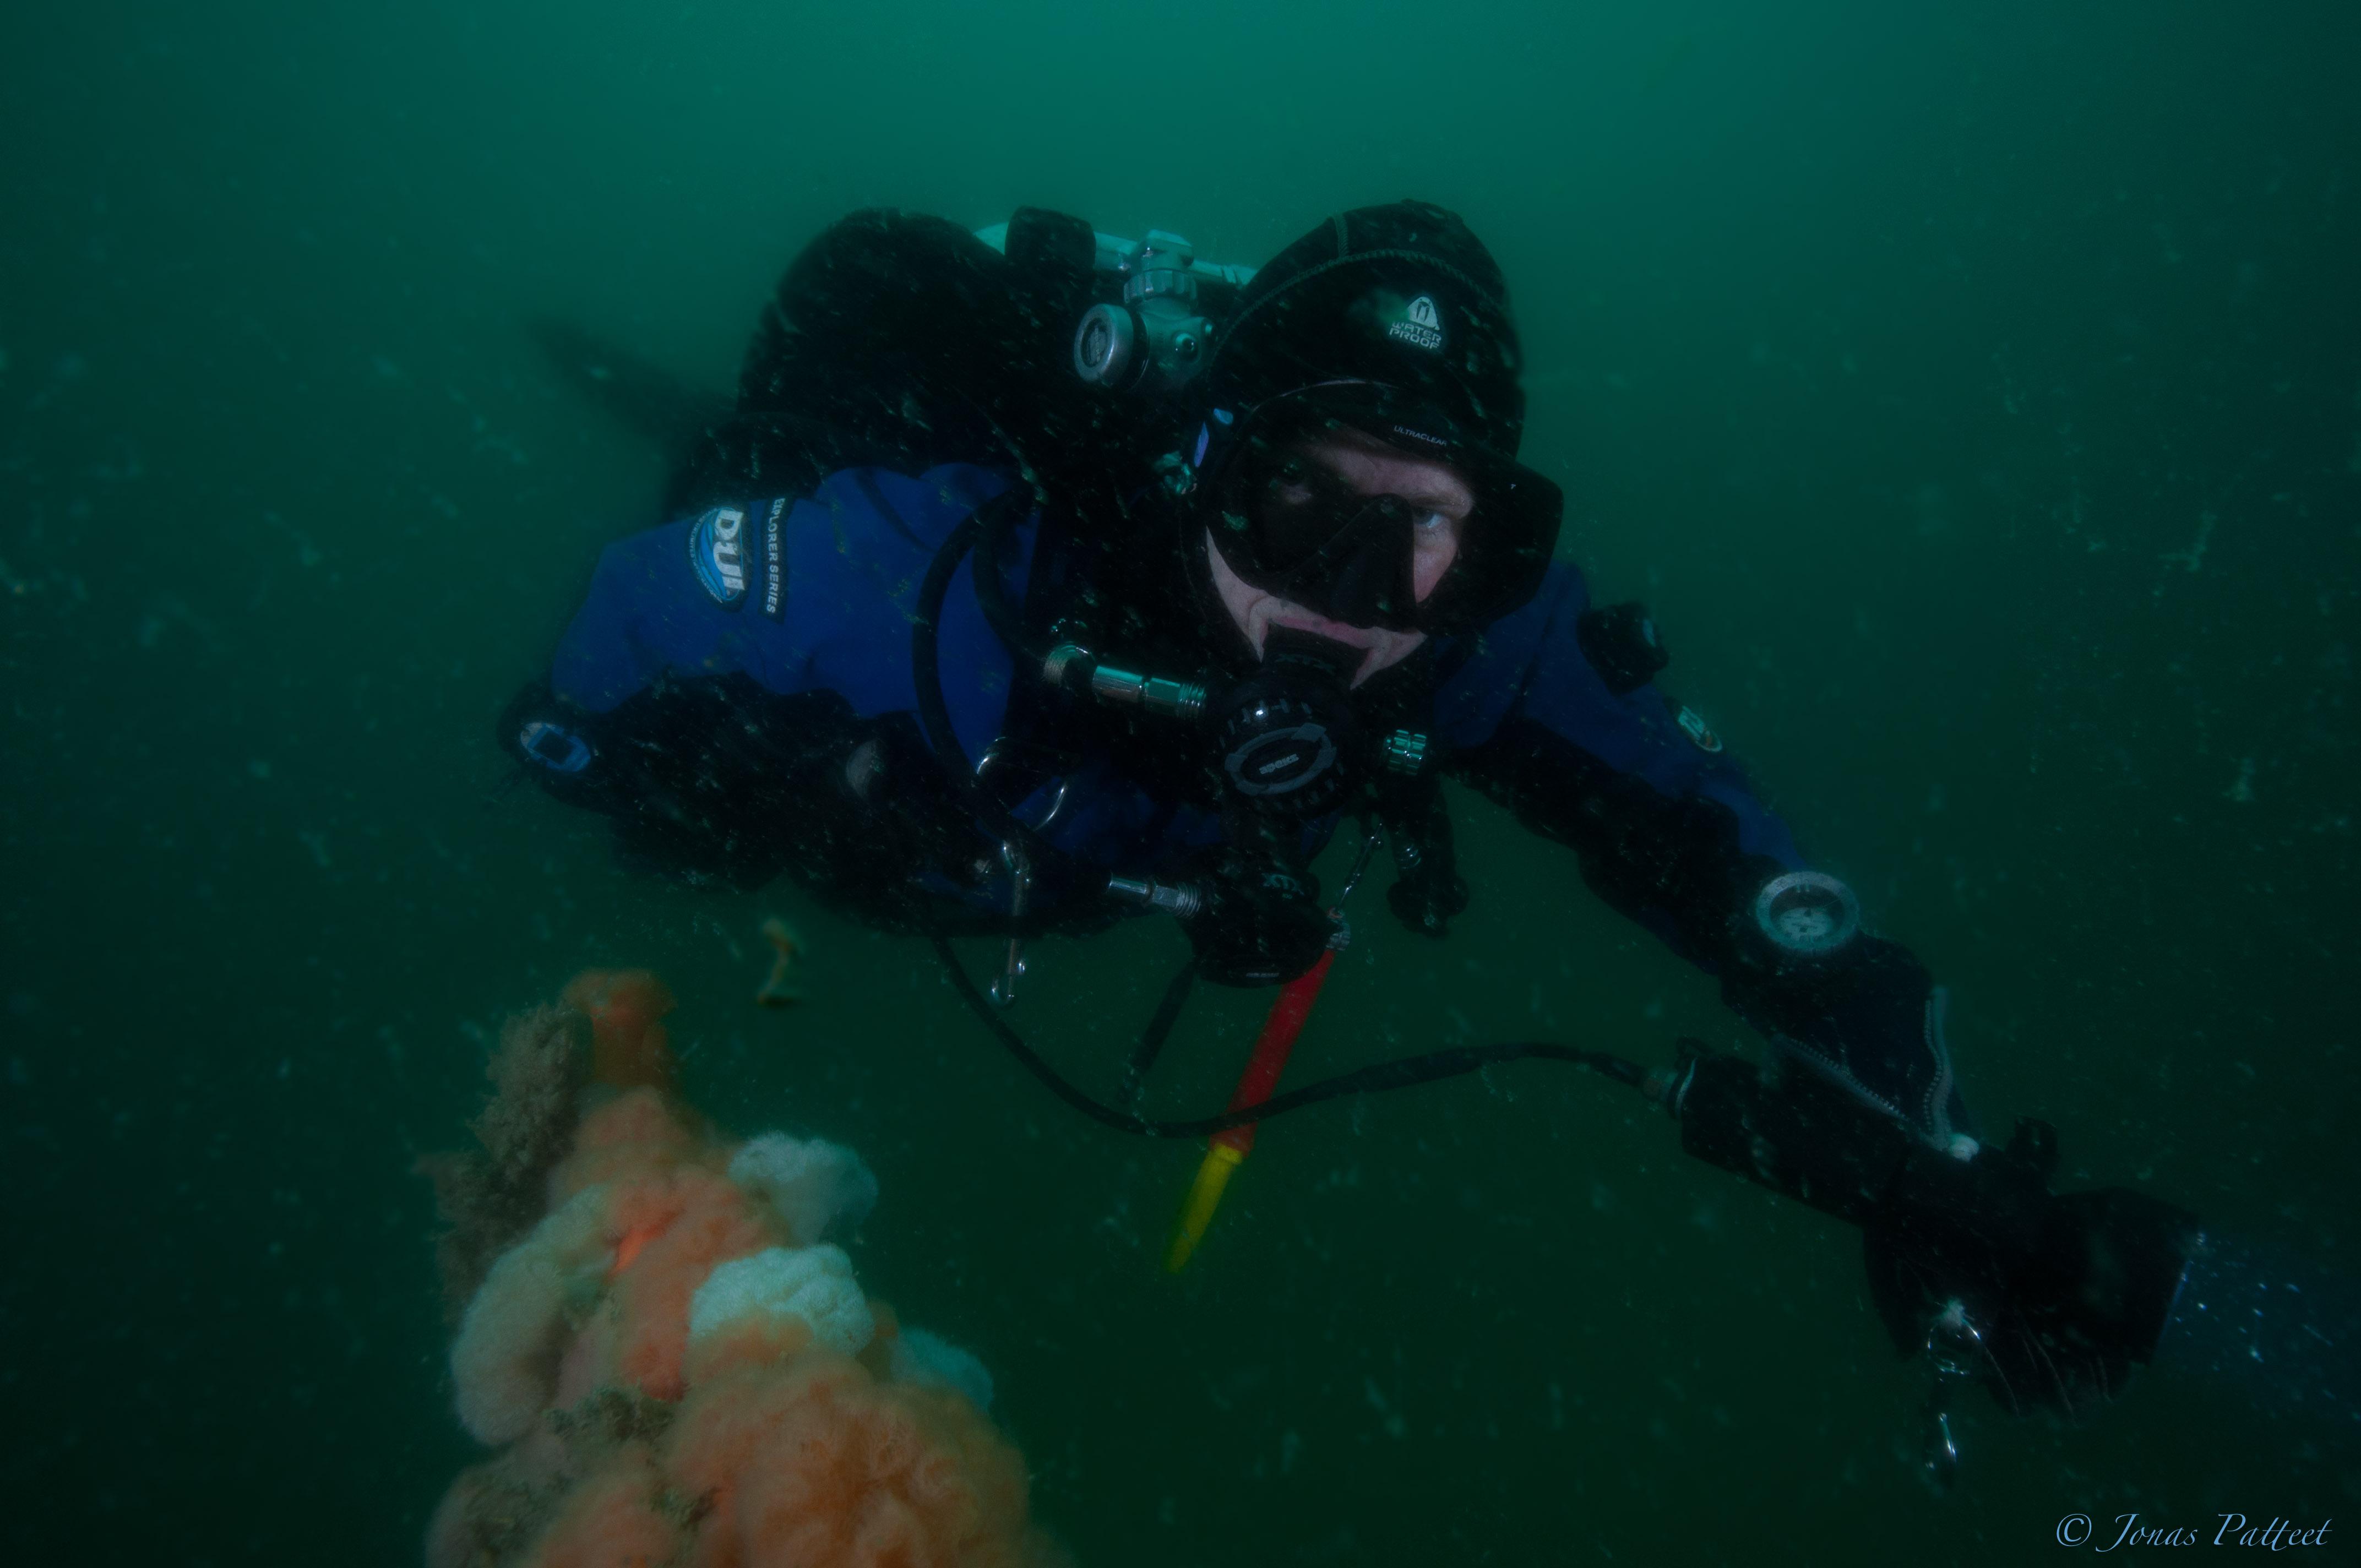 GUE.be duiker